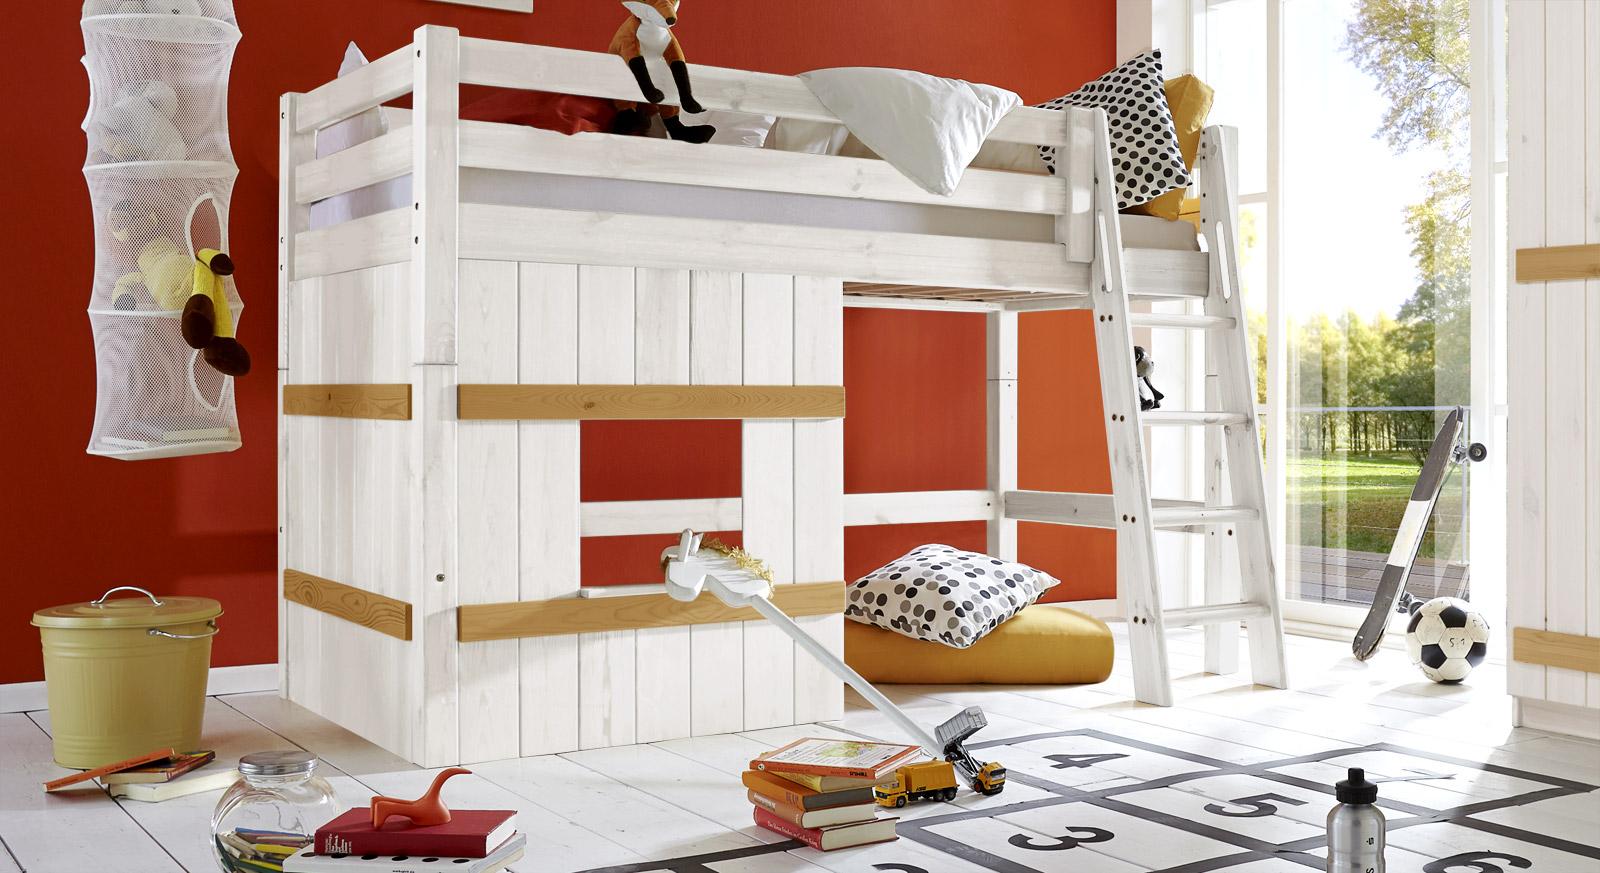 Hütten-Hochbett Kids Paradise Basic 140cm in Weiß/Gelaugt mit schräger Leiter